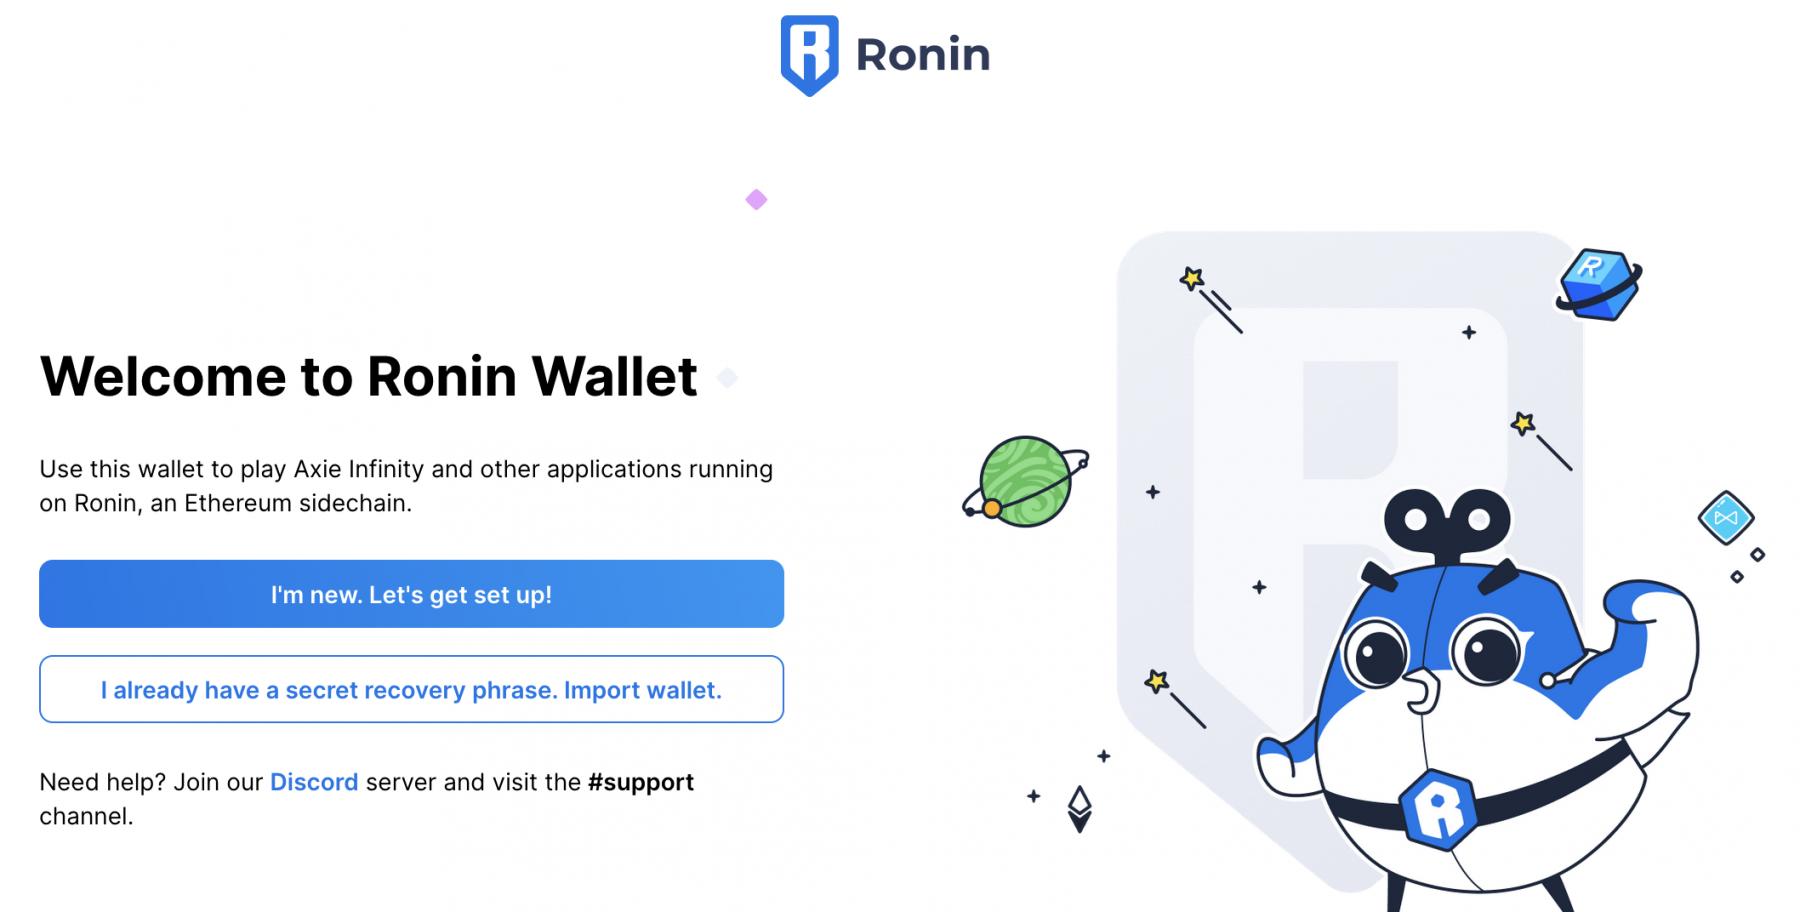 Das neue Ronin Wallet erstellen